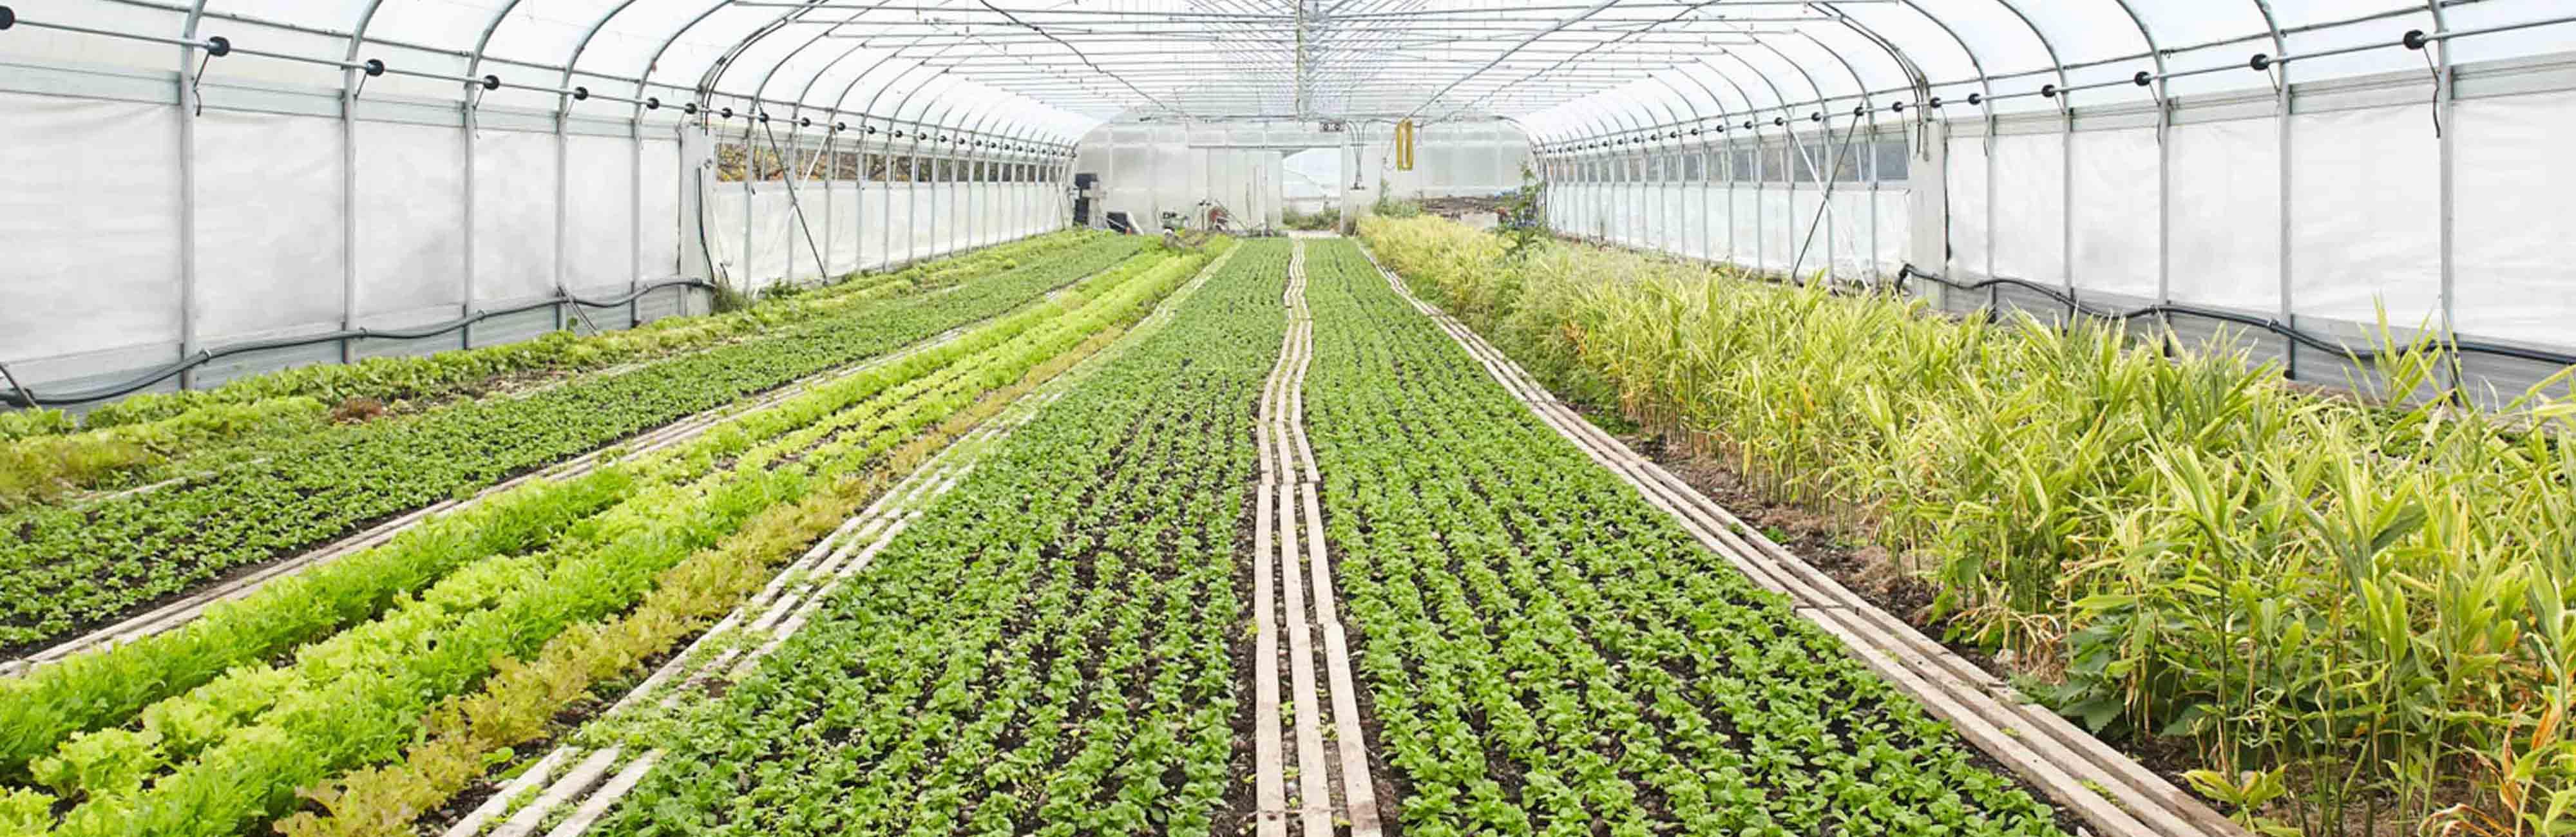 Demeterhof Funk - Gemüse in einem Gewächshaus